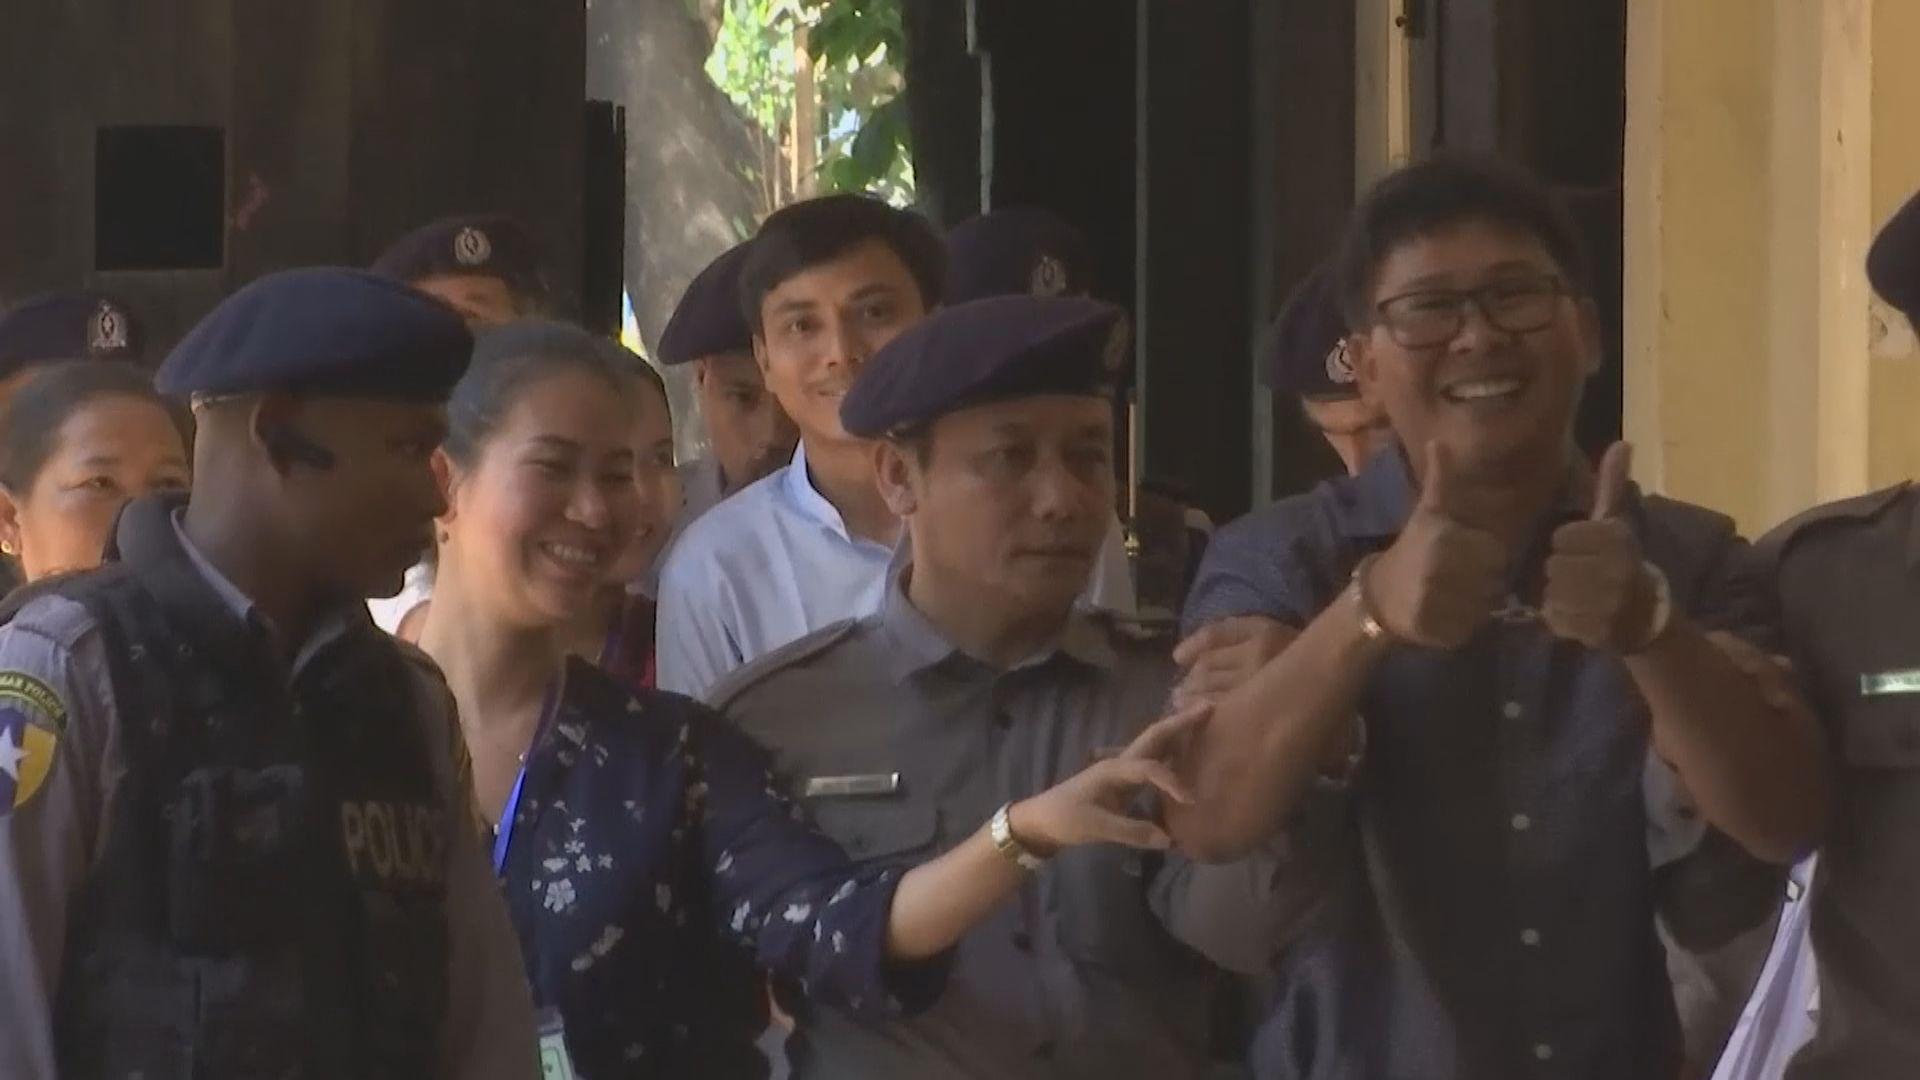 緬甸法院駁回兩名判囚路透社記者上訴